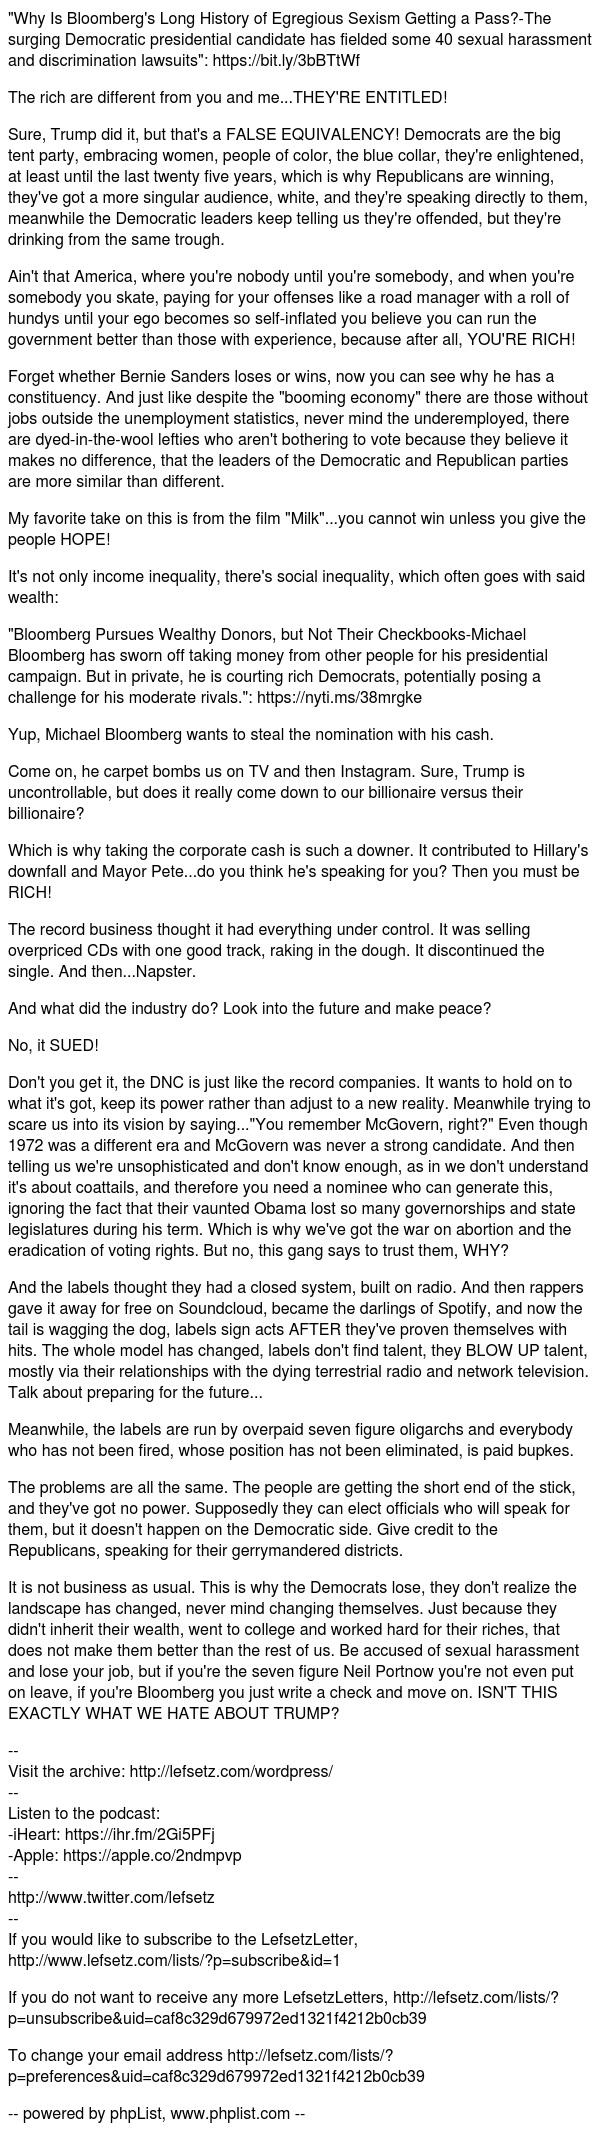 Bloomberg's Past